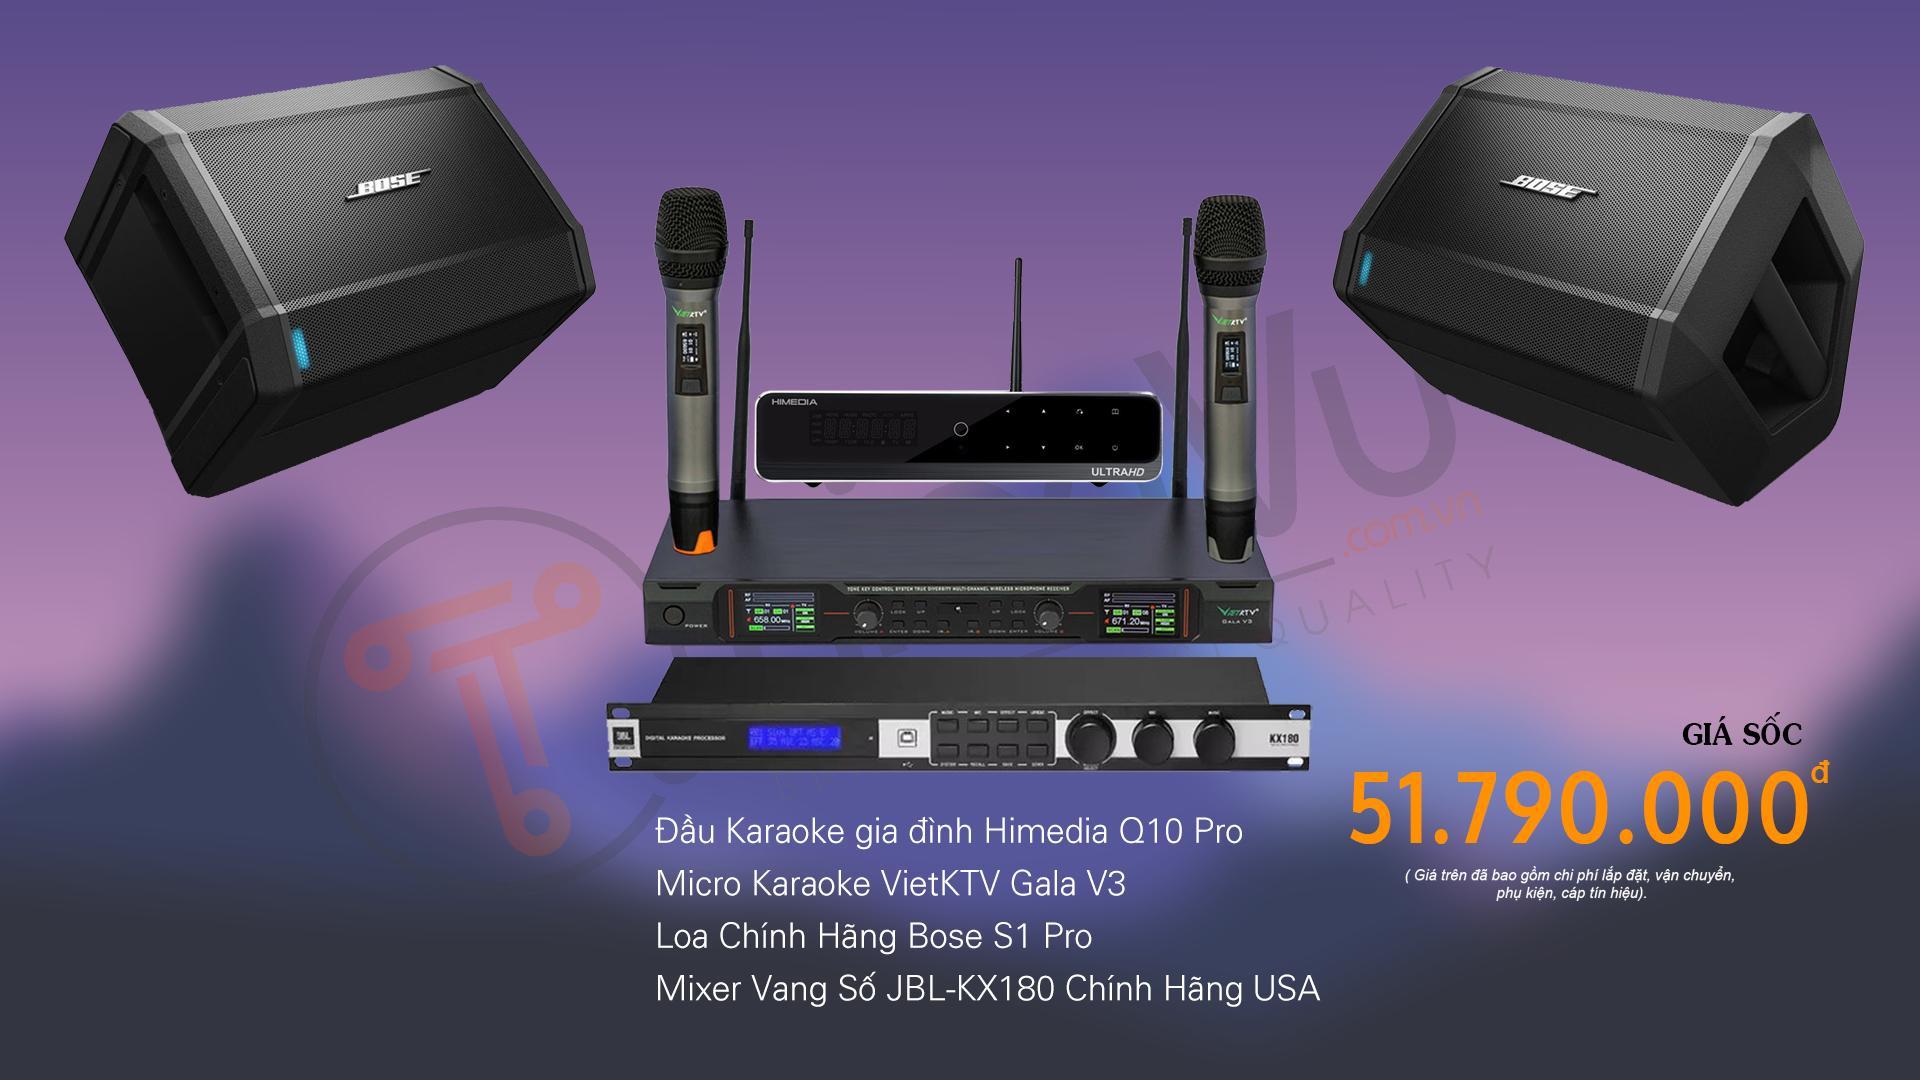 Giới thiệu về bộ dàn karaoke TVAP 05 chi tiết